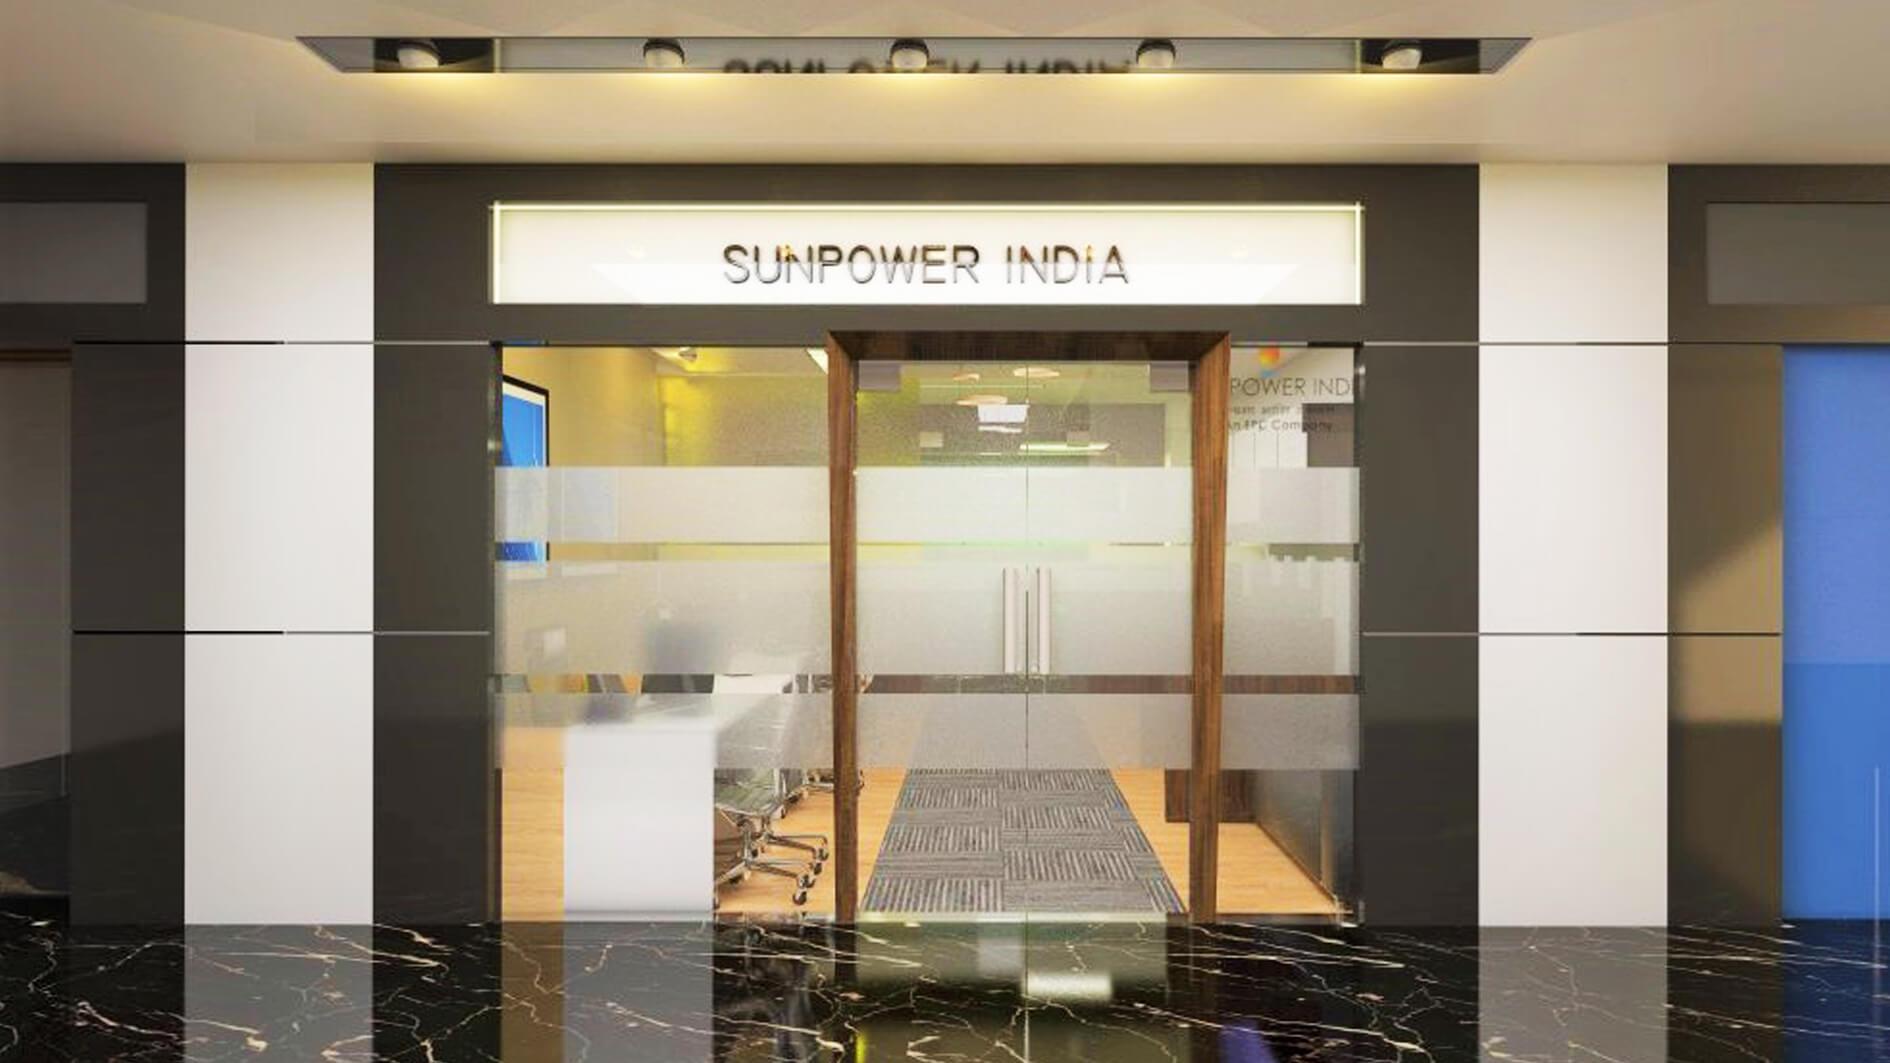 Sunpower India